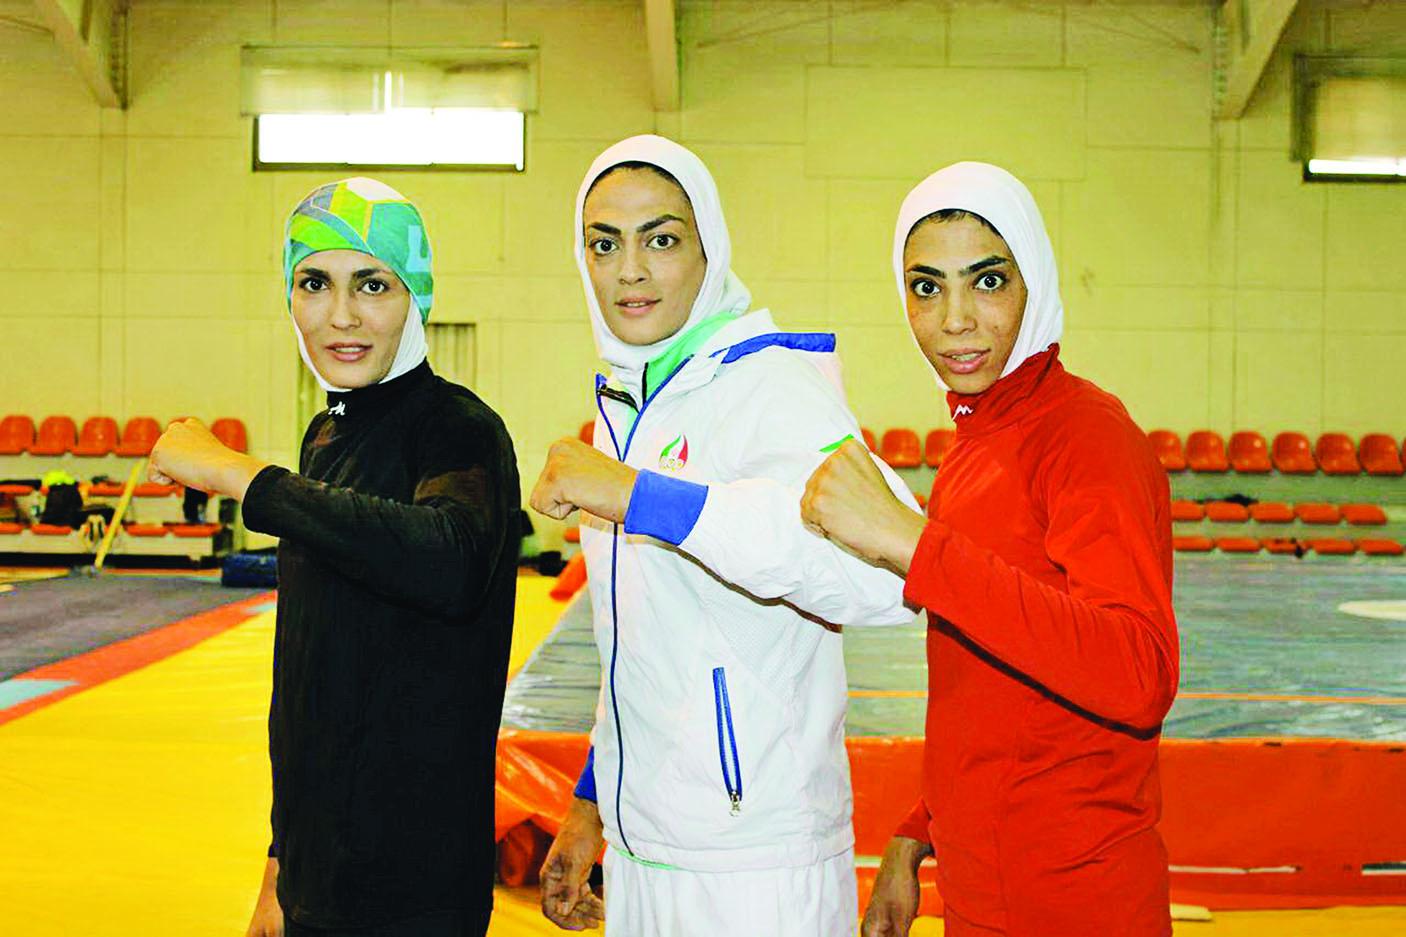 زندگی خواهران منصوریان روی پرده سینما